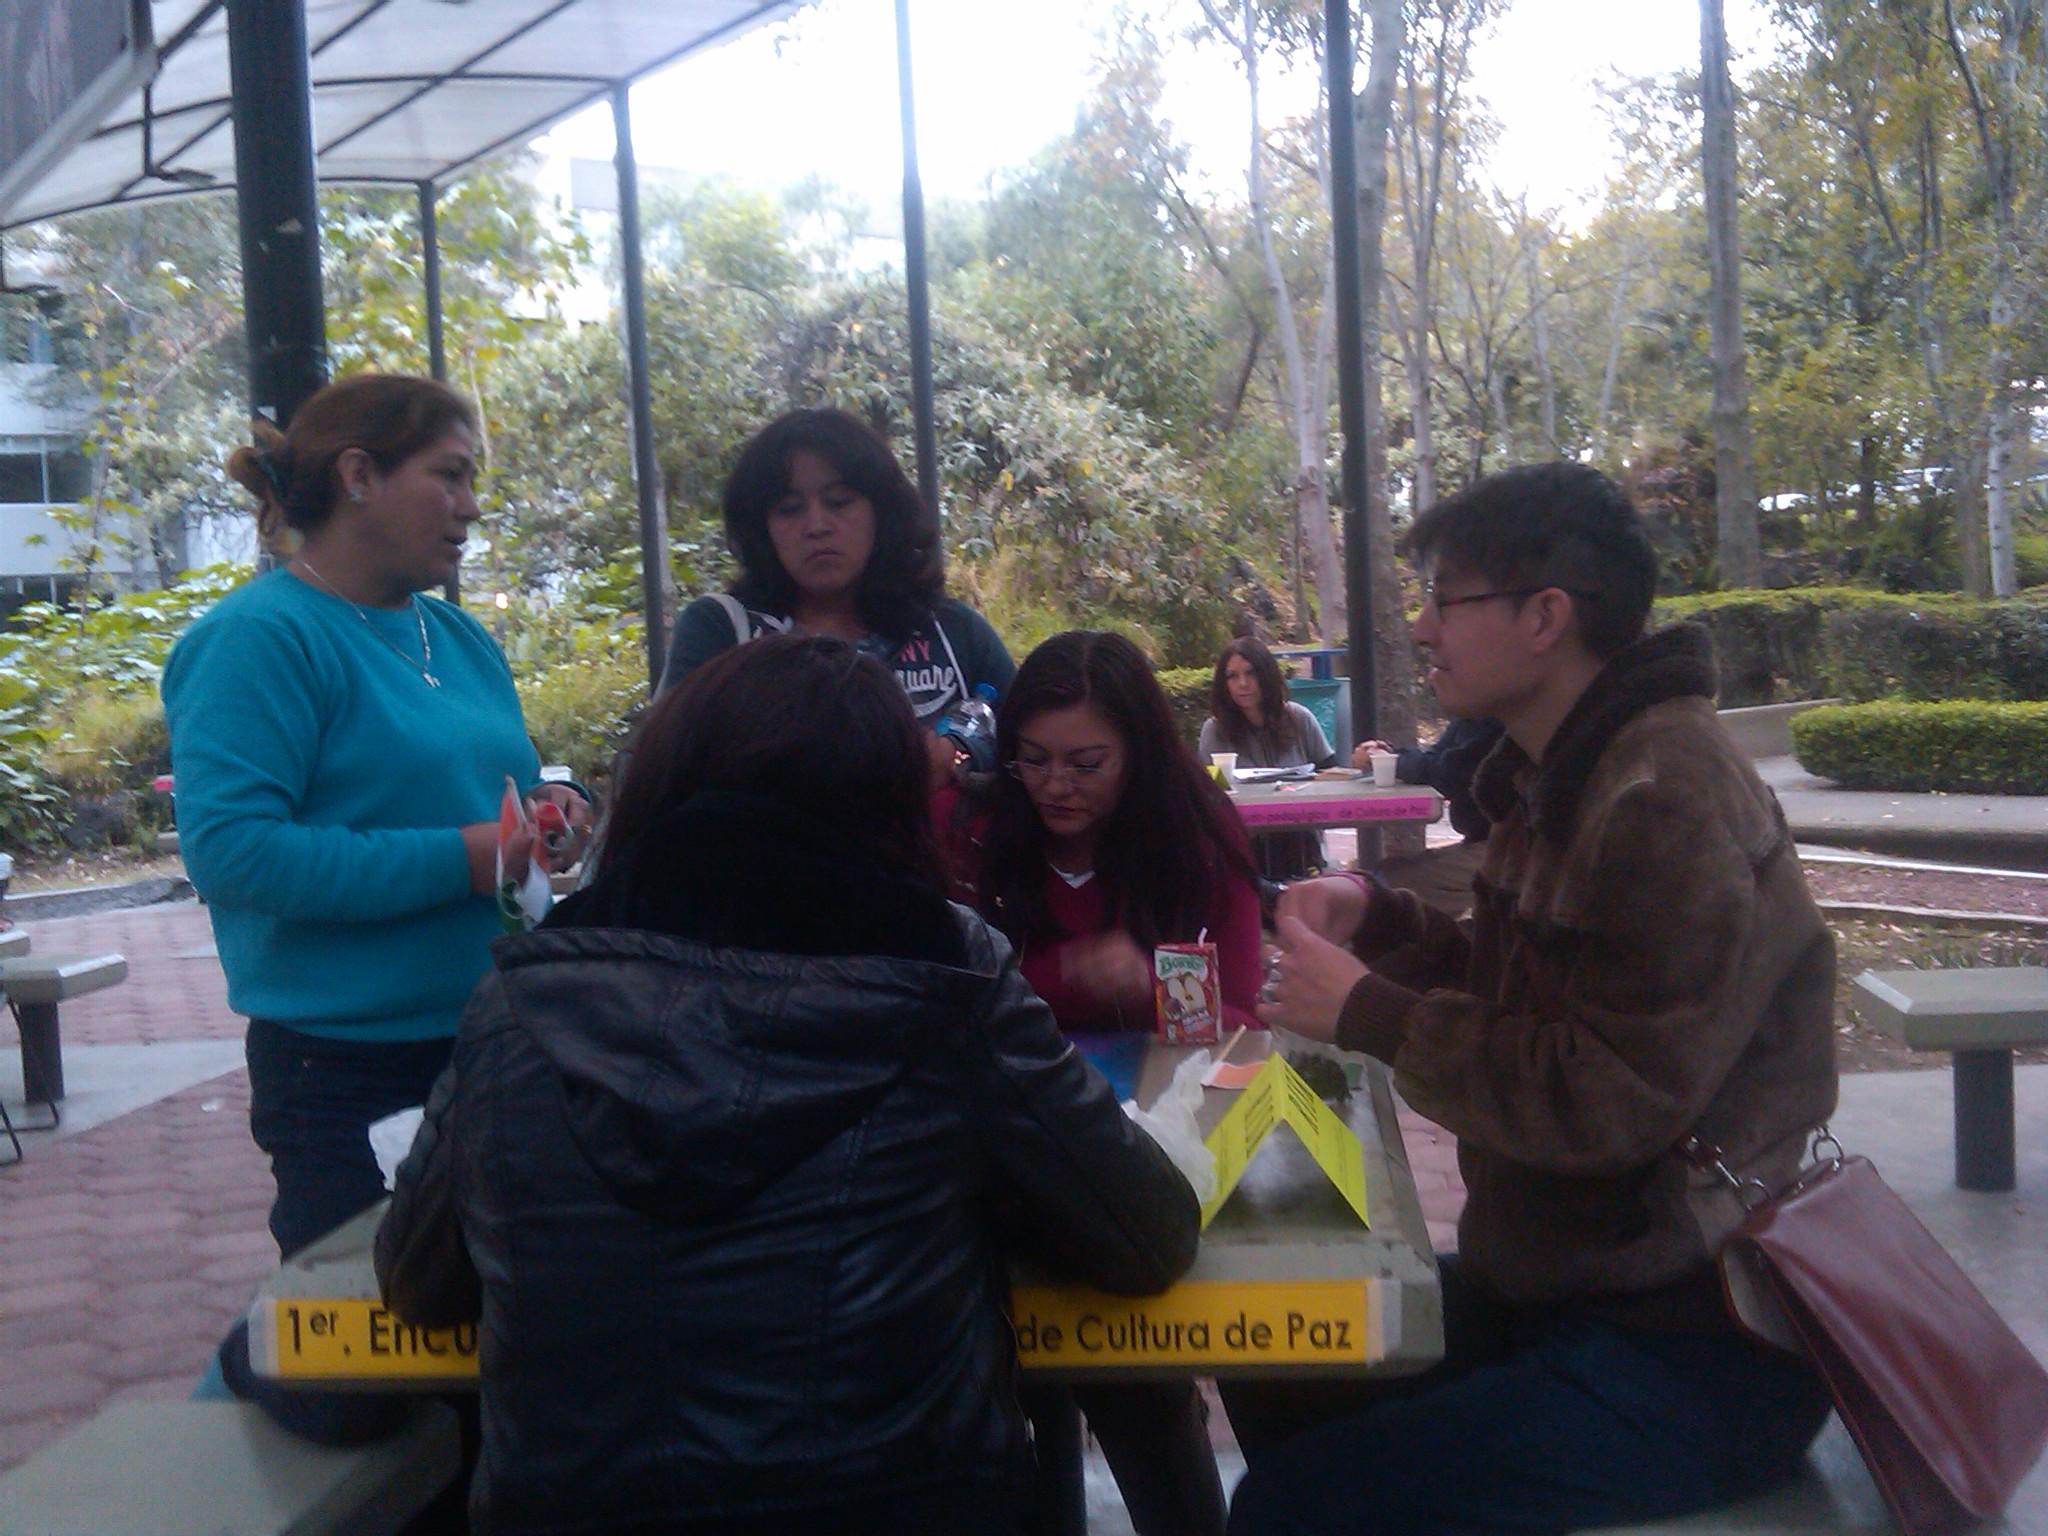 Juegos_para_lograr_la_paz,_Facultad_de_Ciencias_Políticas_y_Sociales-UNAM_2